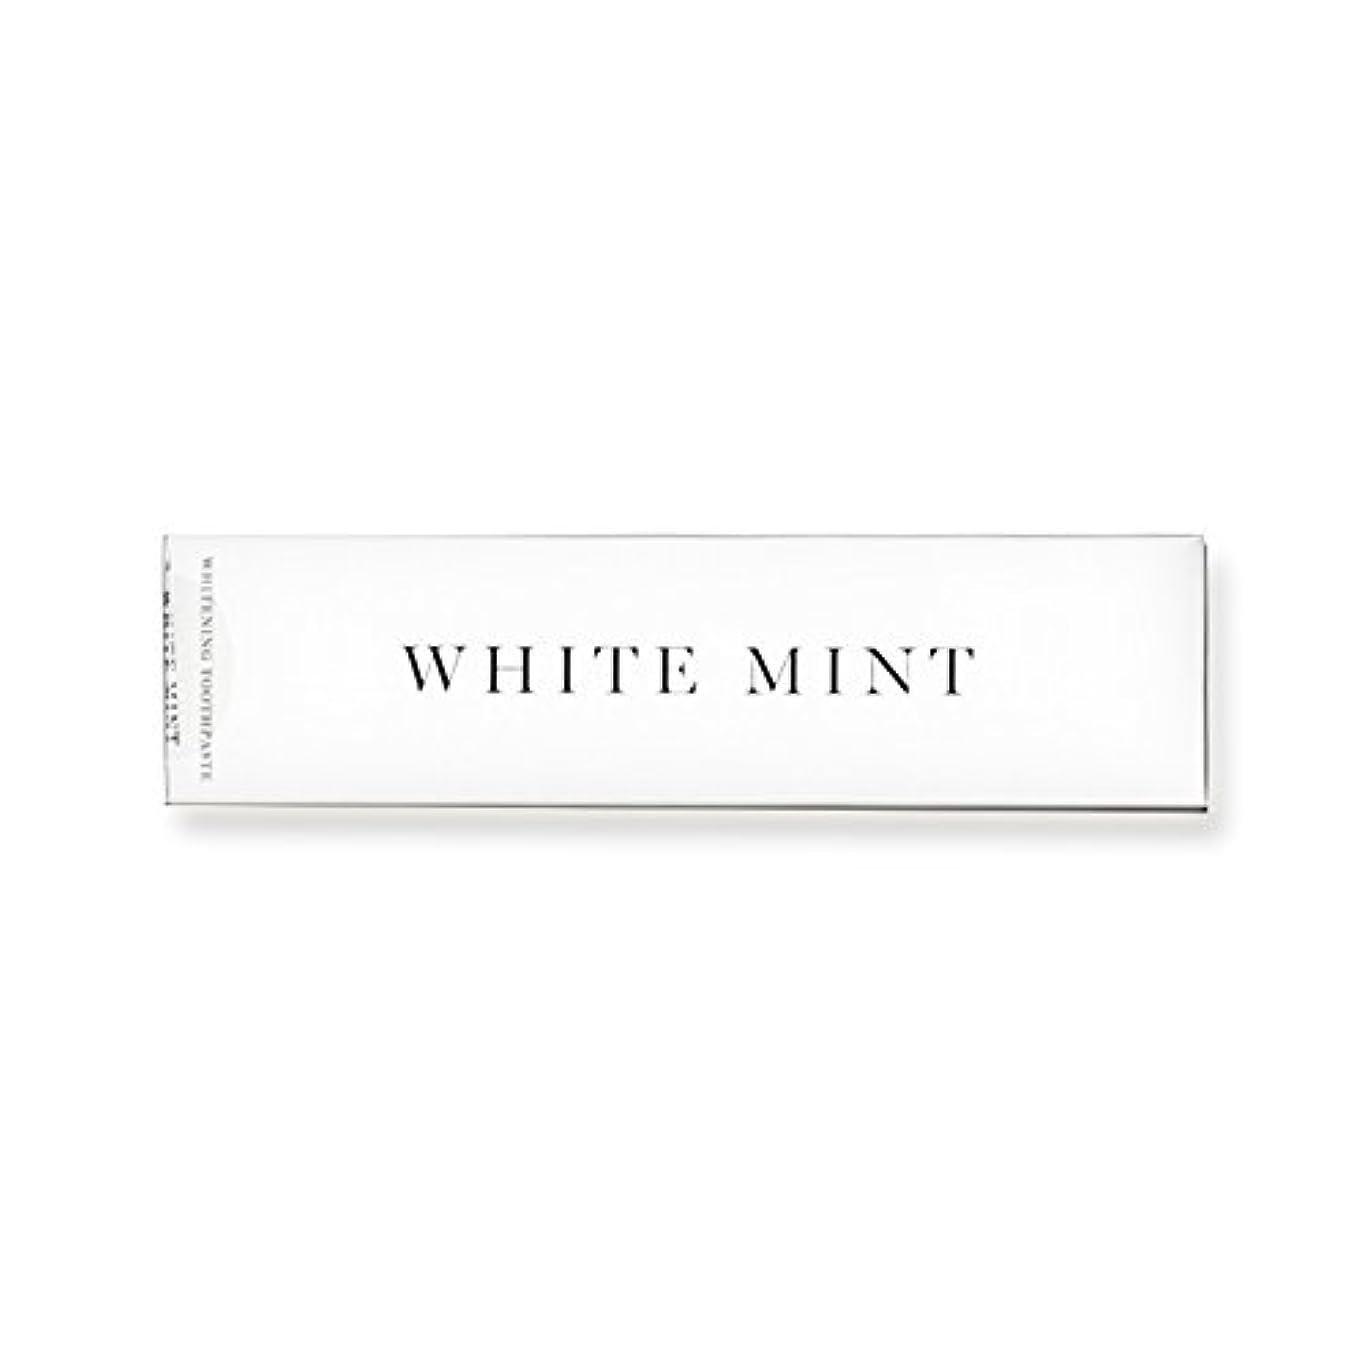 ハリケーンコードレス通常ホワイトミント 130g (旧シルクホワイト)